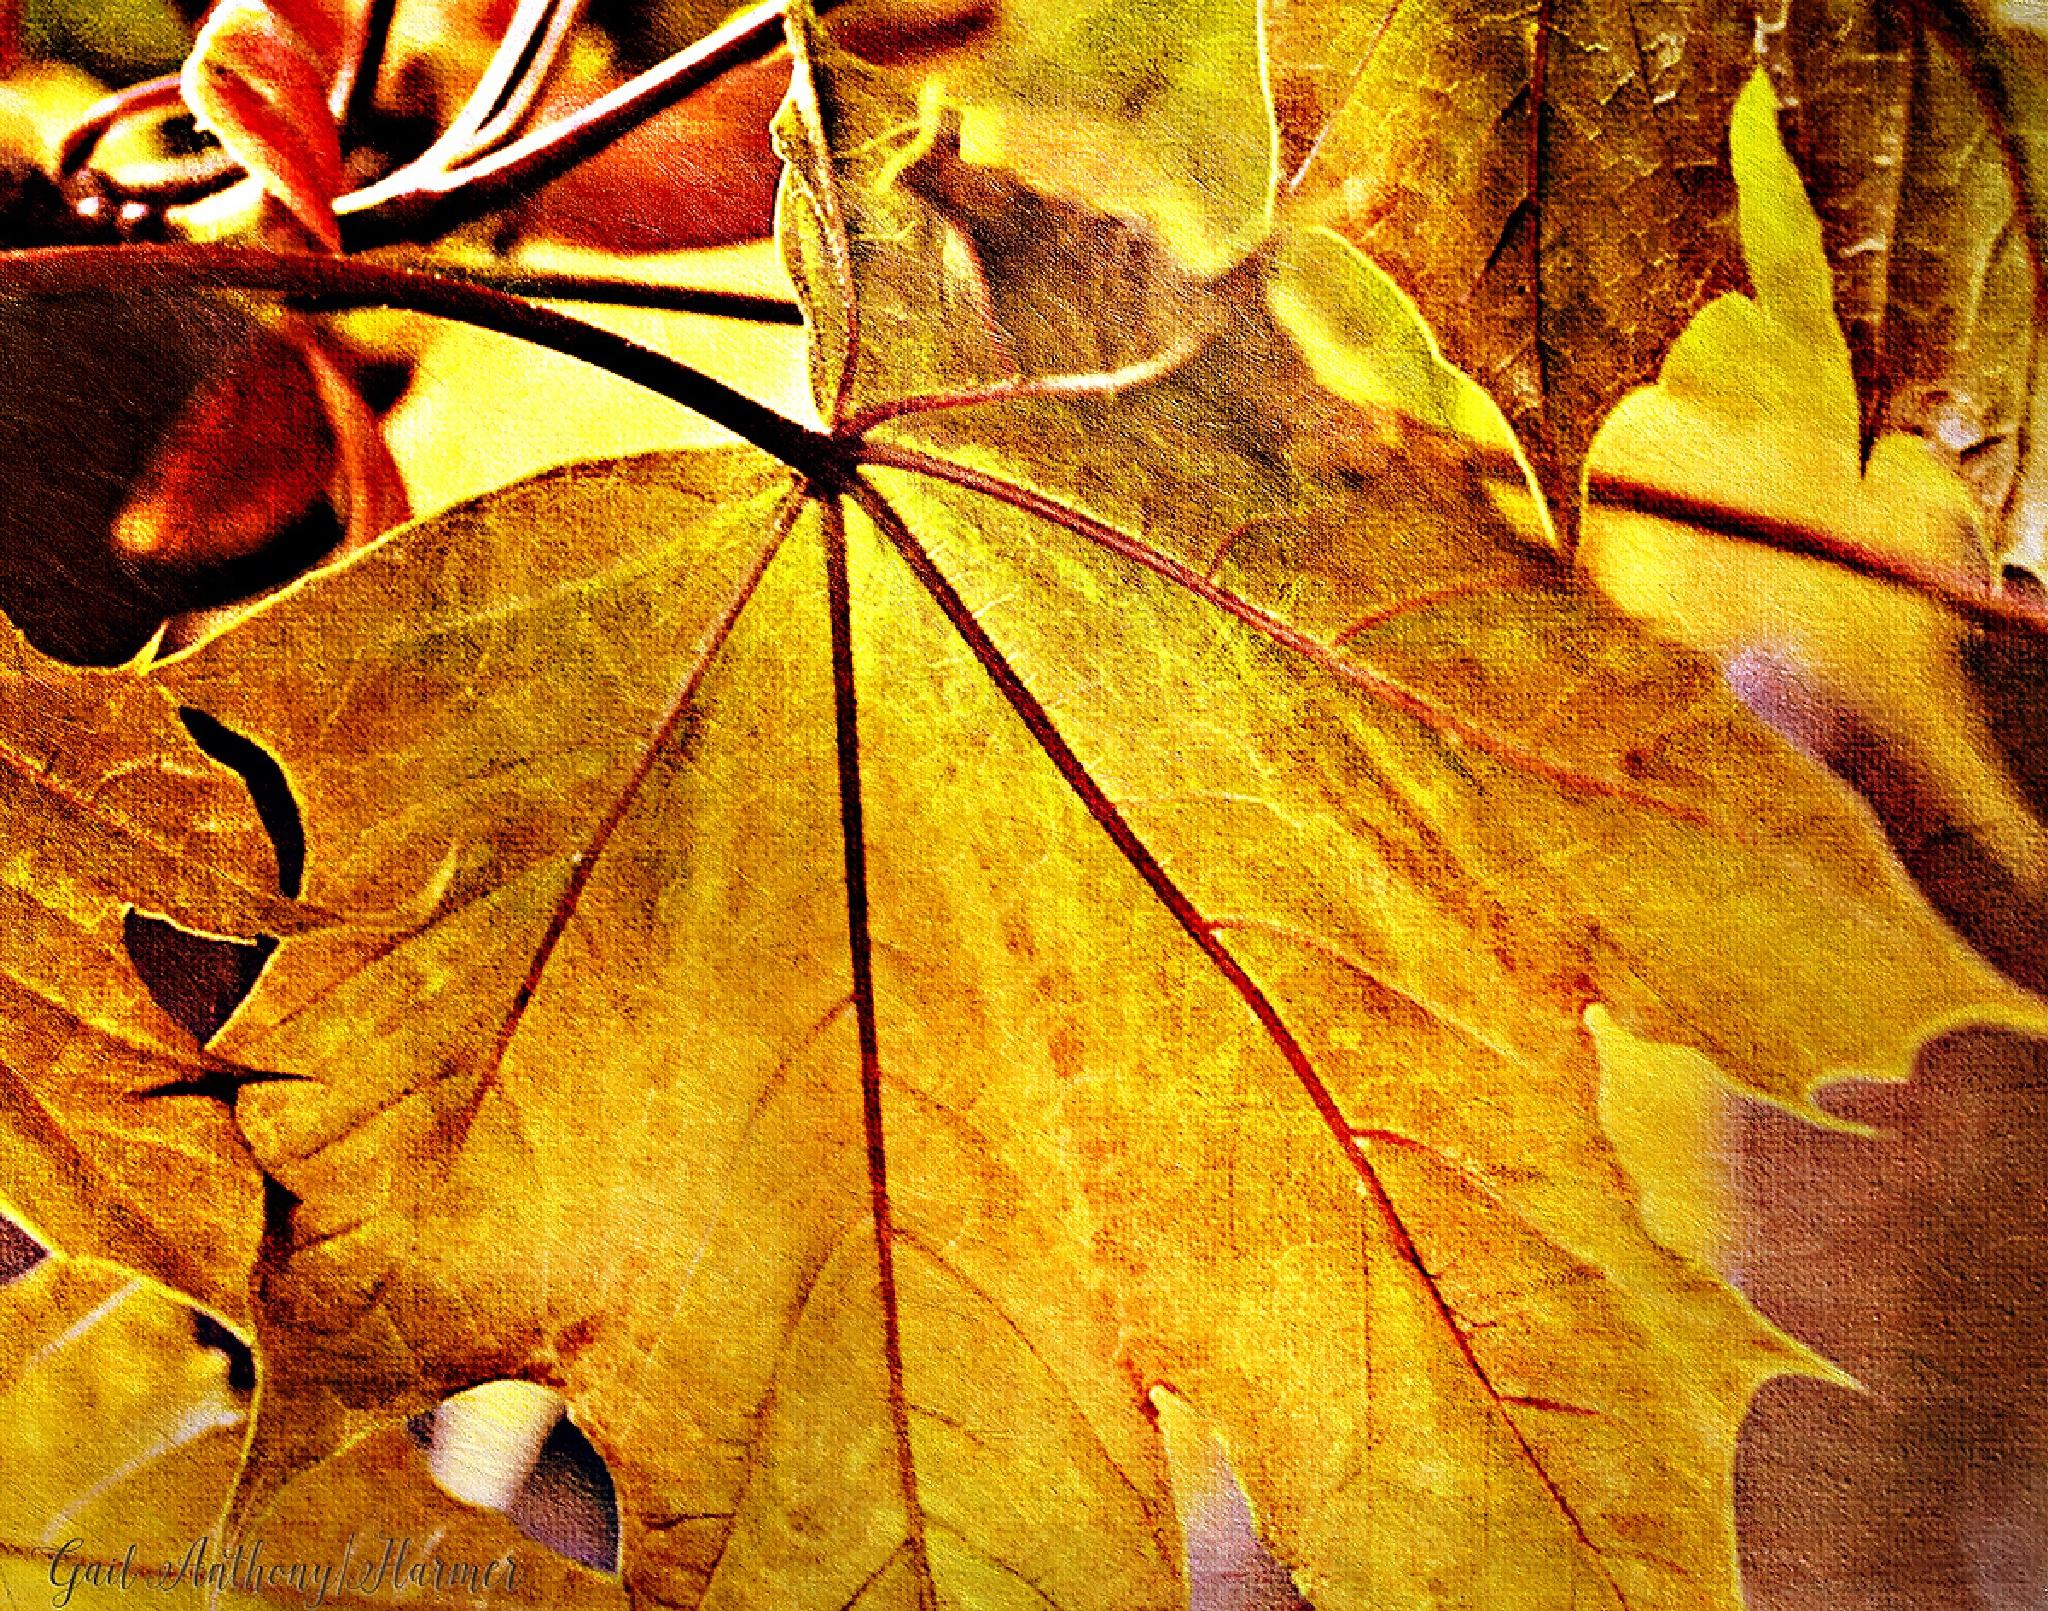 Autumn Hues by GailHarmer